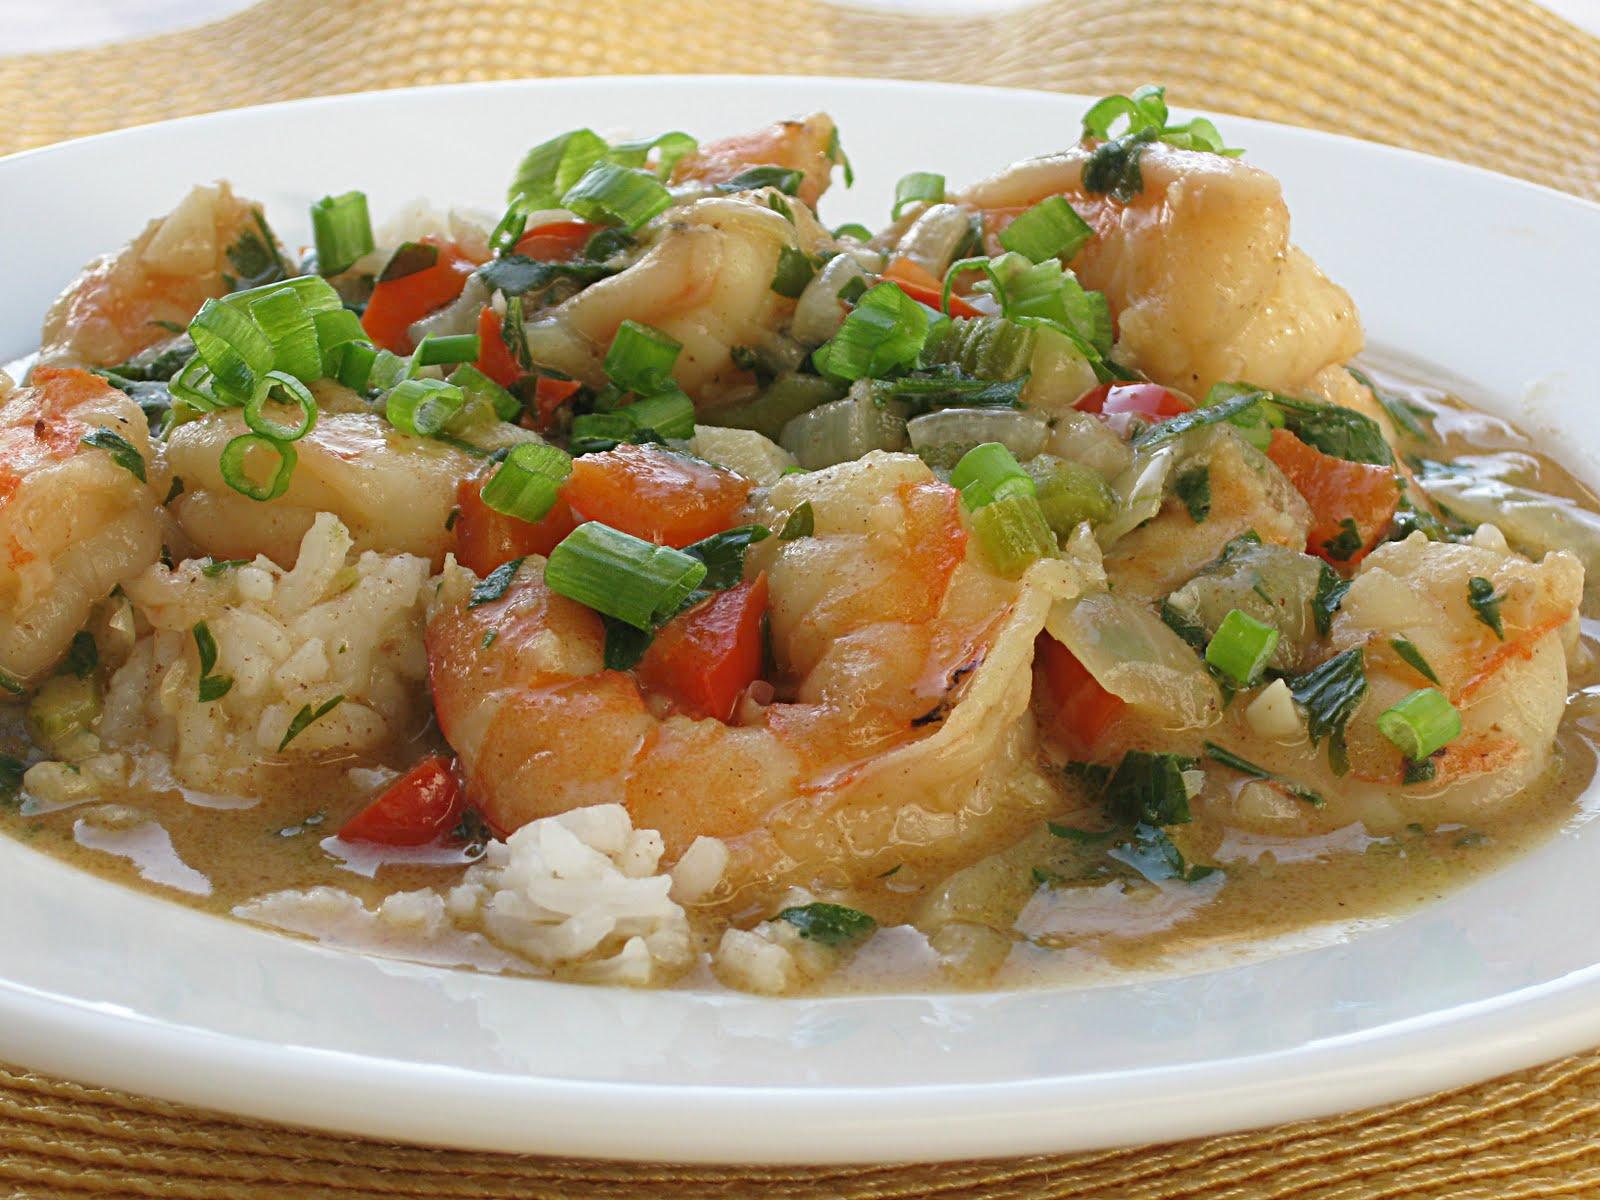 All That Splatters: Shrimp Etouffee